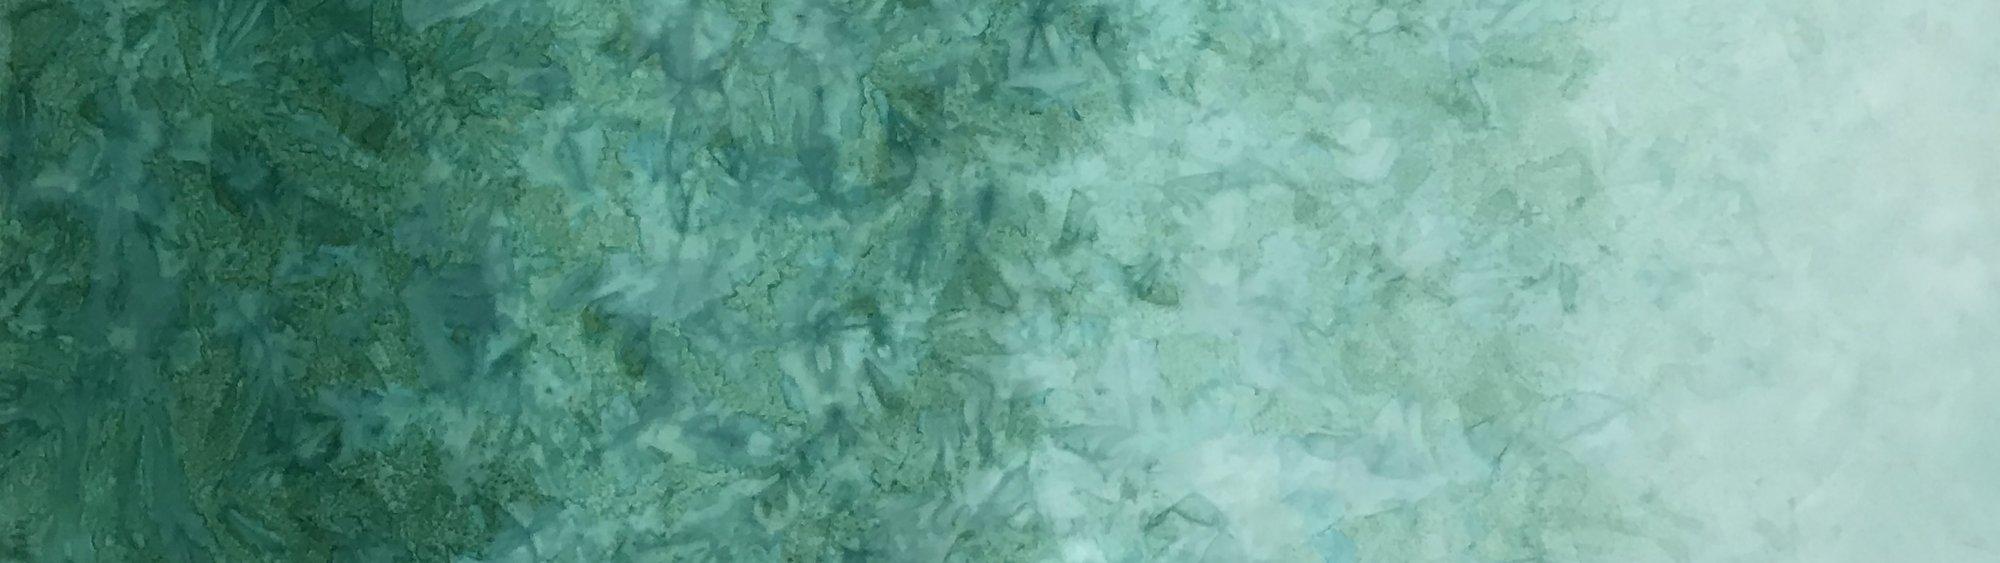 Batik Aqua Ombre